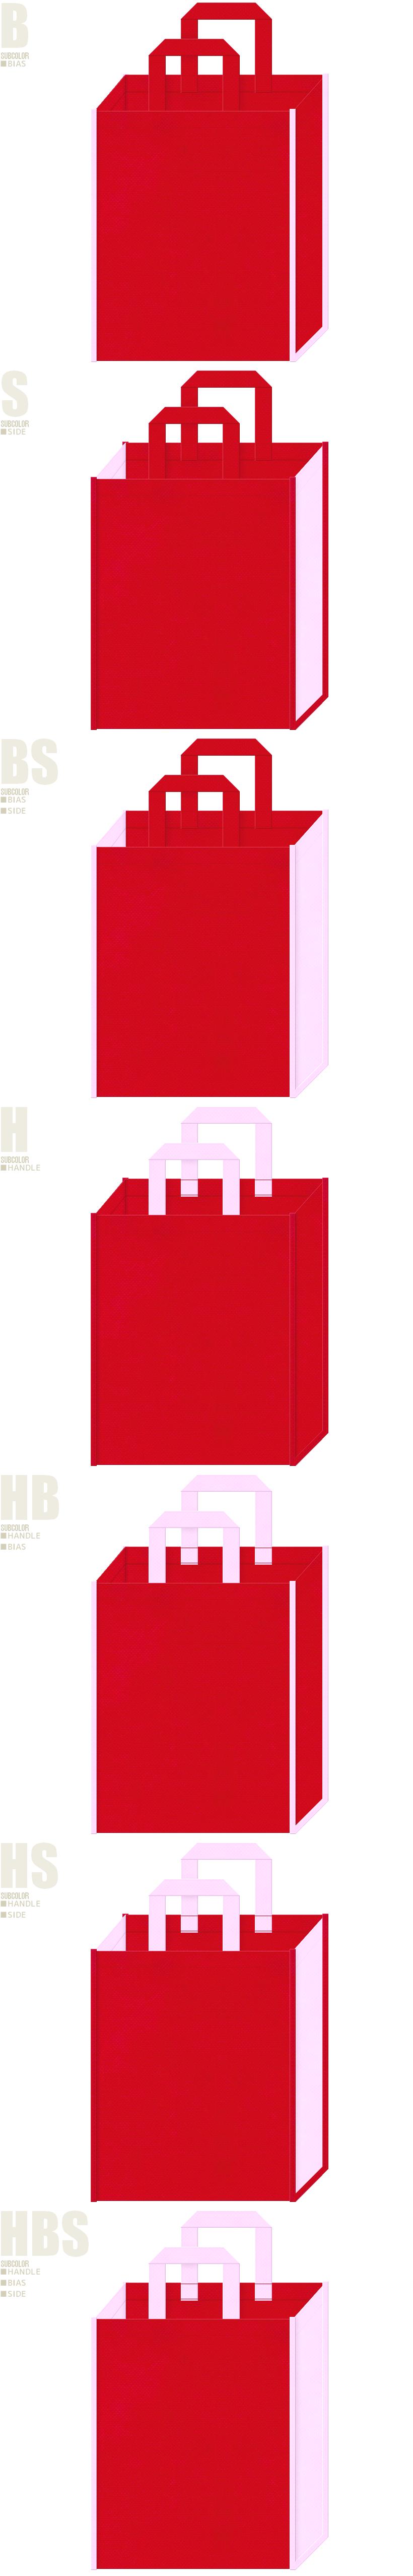 いちご・バレンタイン・ひな祭り・カーネーション・母の日・和風催事・お正月・福袋にお奨めの不織布バッグデザイン:紅色と明るいピンク色の配色7パターン